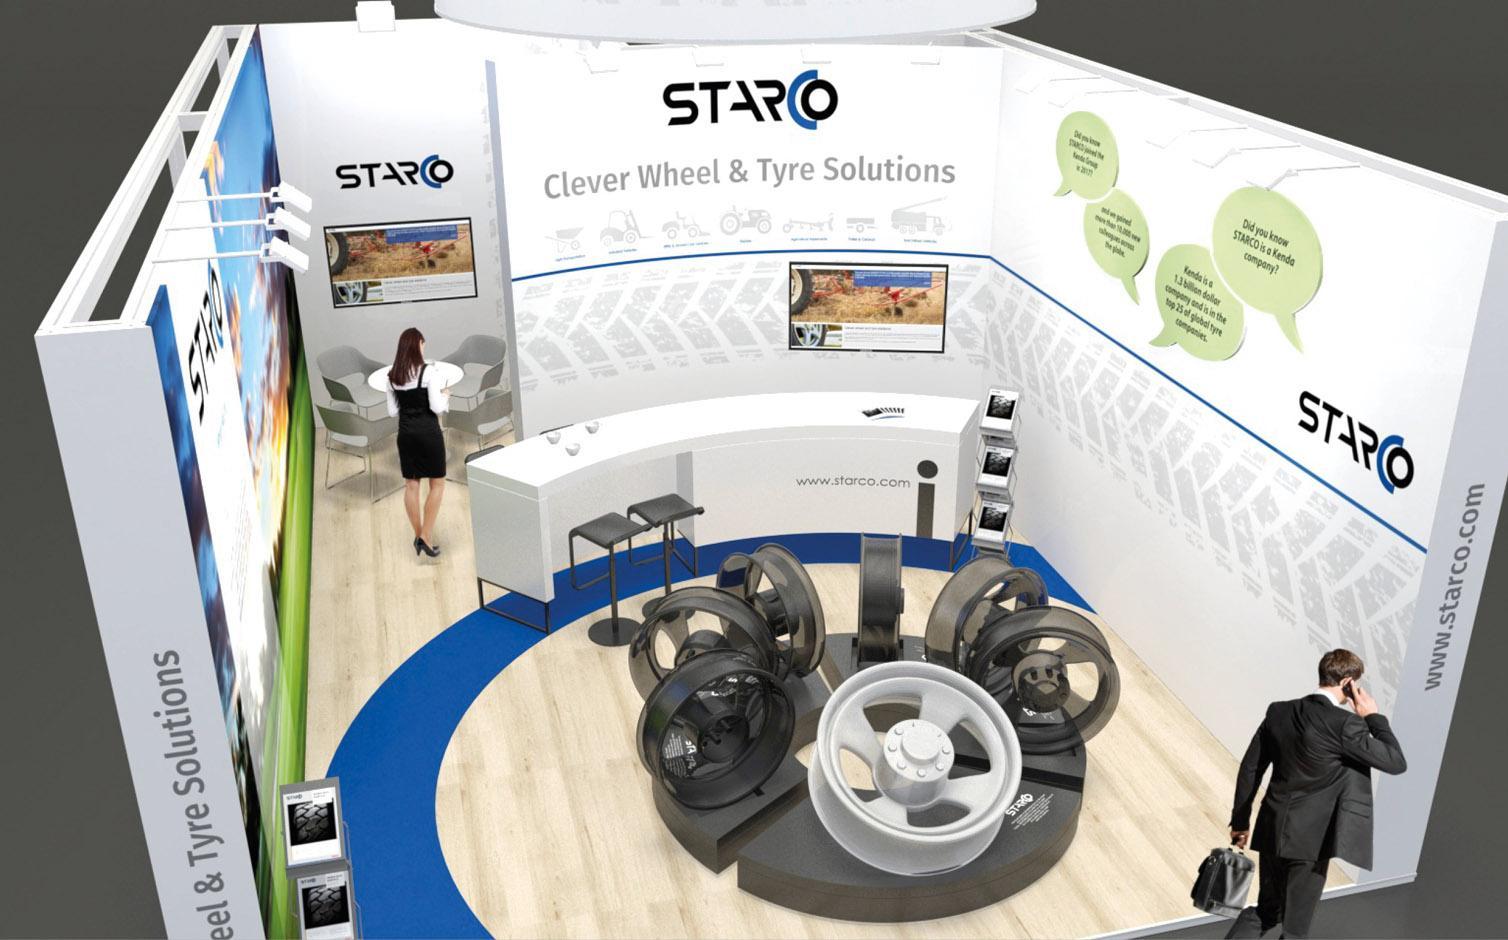 STARCO едет в Болонью с новыми решениями и продуктами для фермерских хозяйств